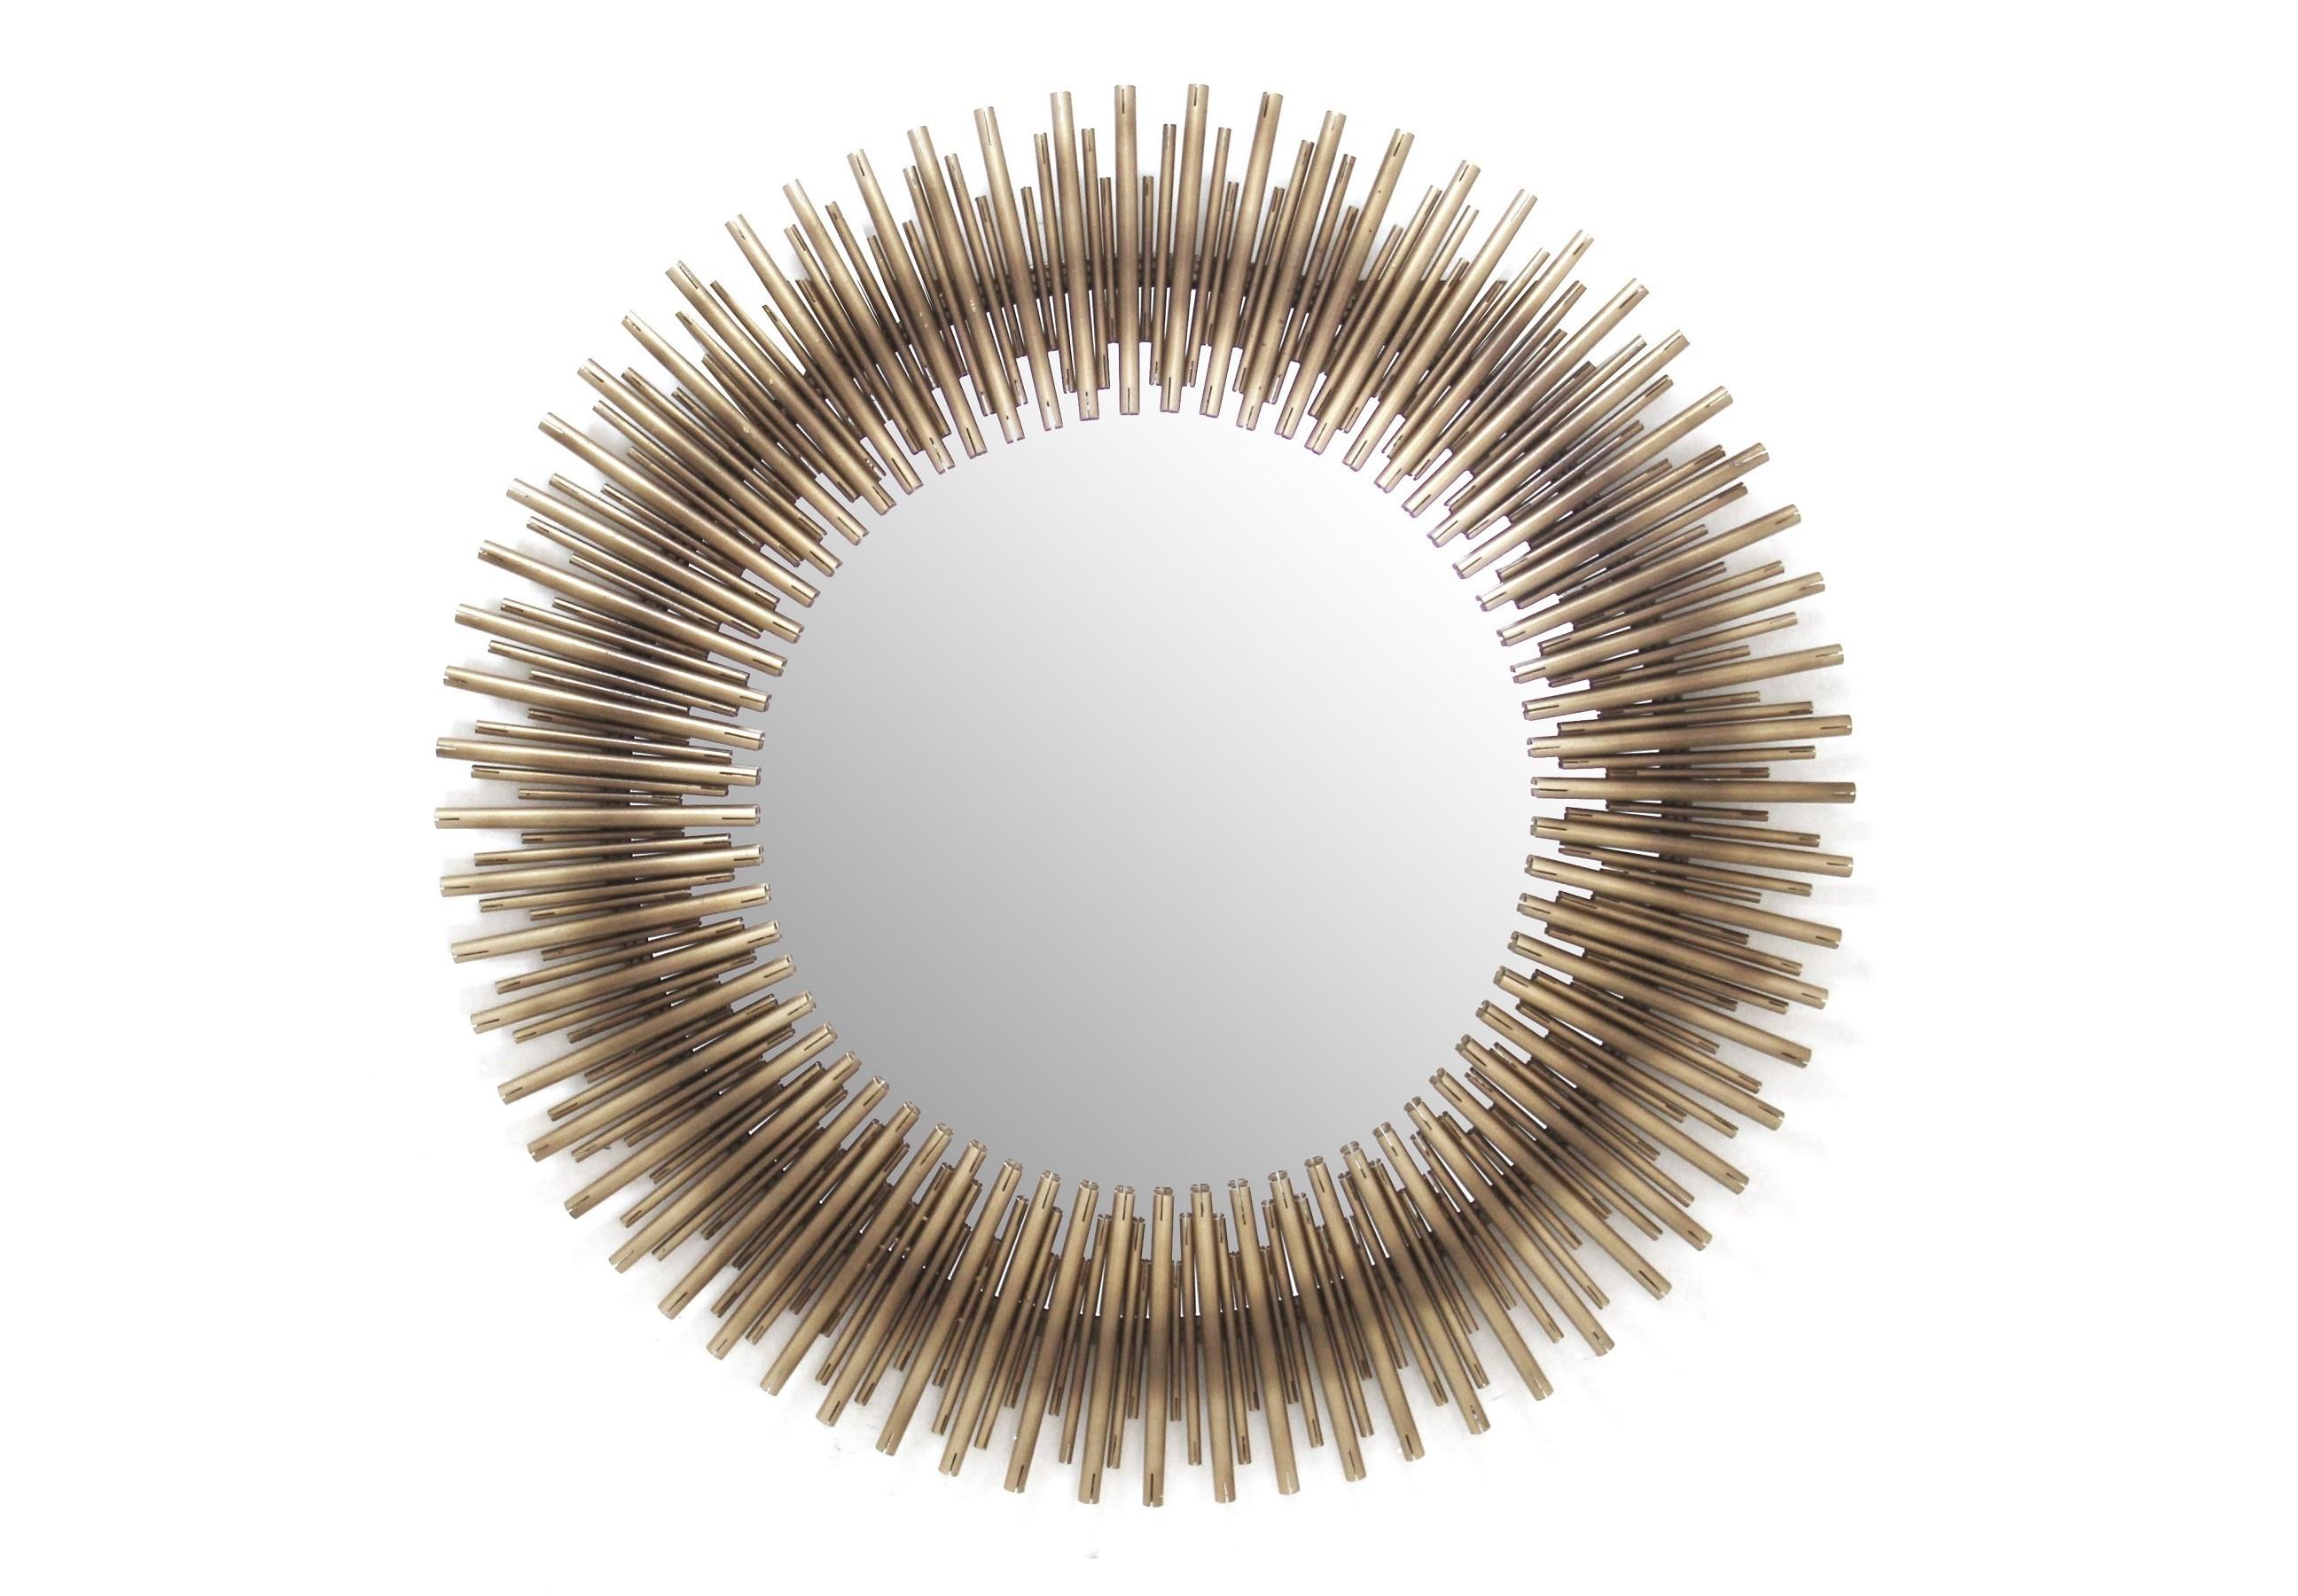 Зеркало RaggiНастенные зеркала<br><br><br>Material: Металл<br>Length см: None<br>Width см: None<br>Depth см: 4,1<br>Height см: None<br>Diameter см: 106,5